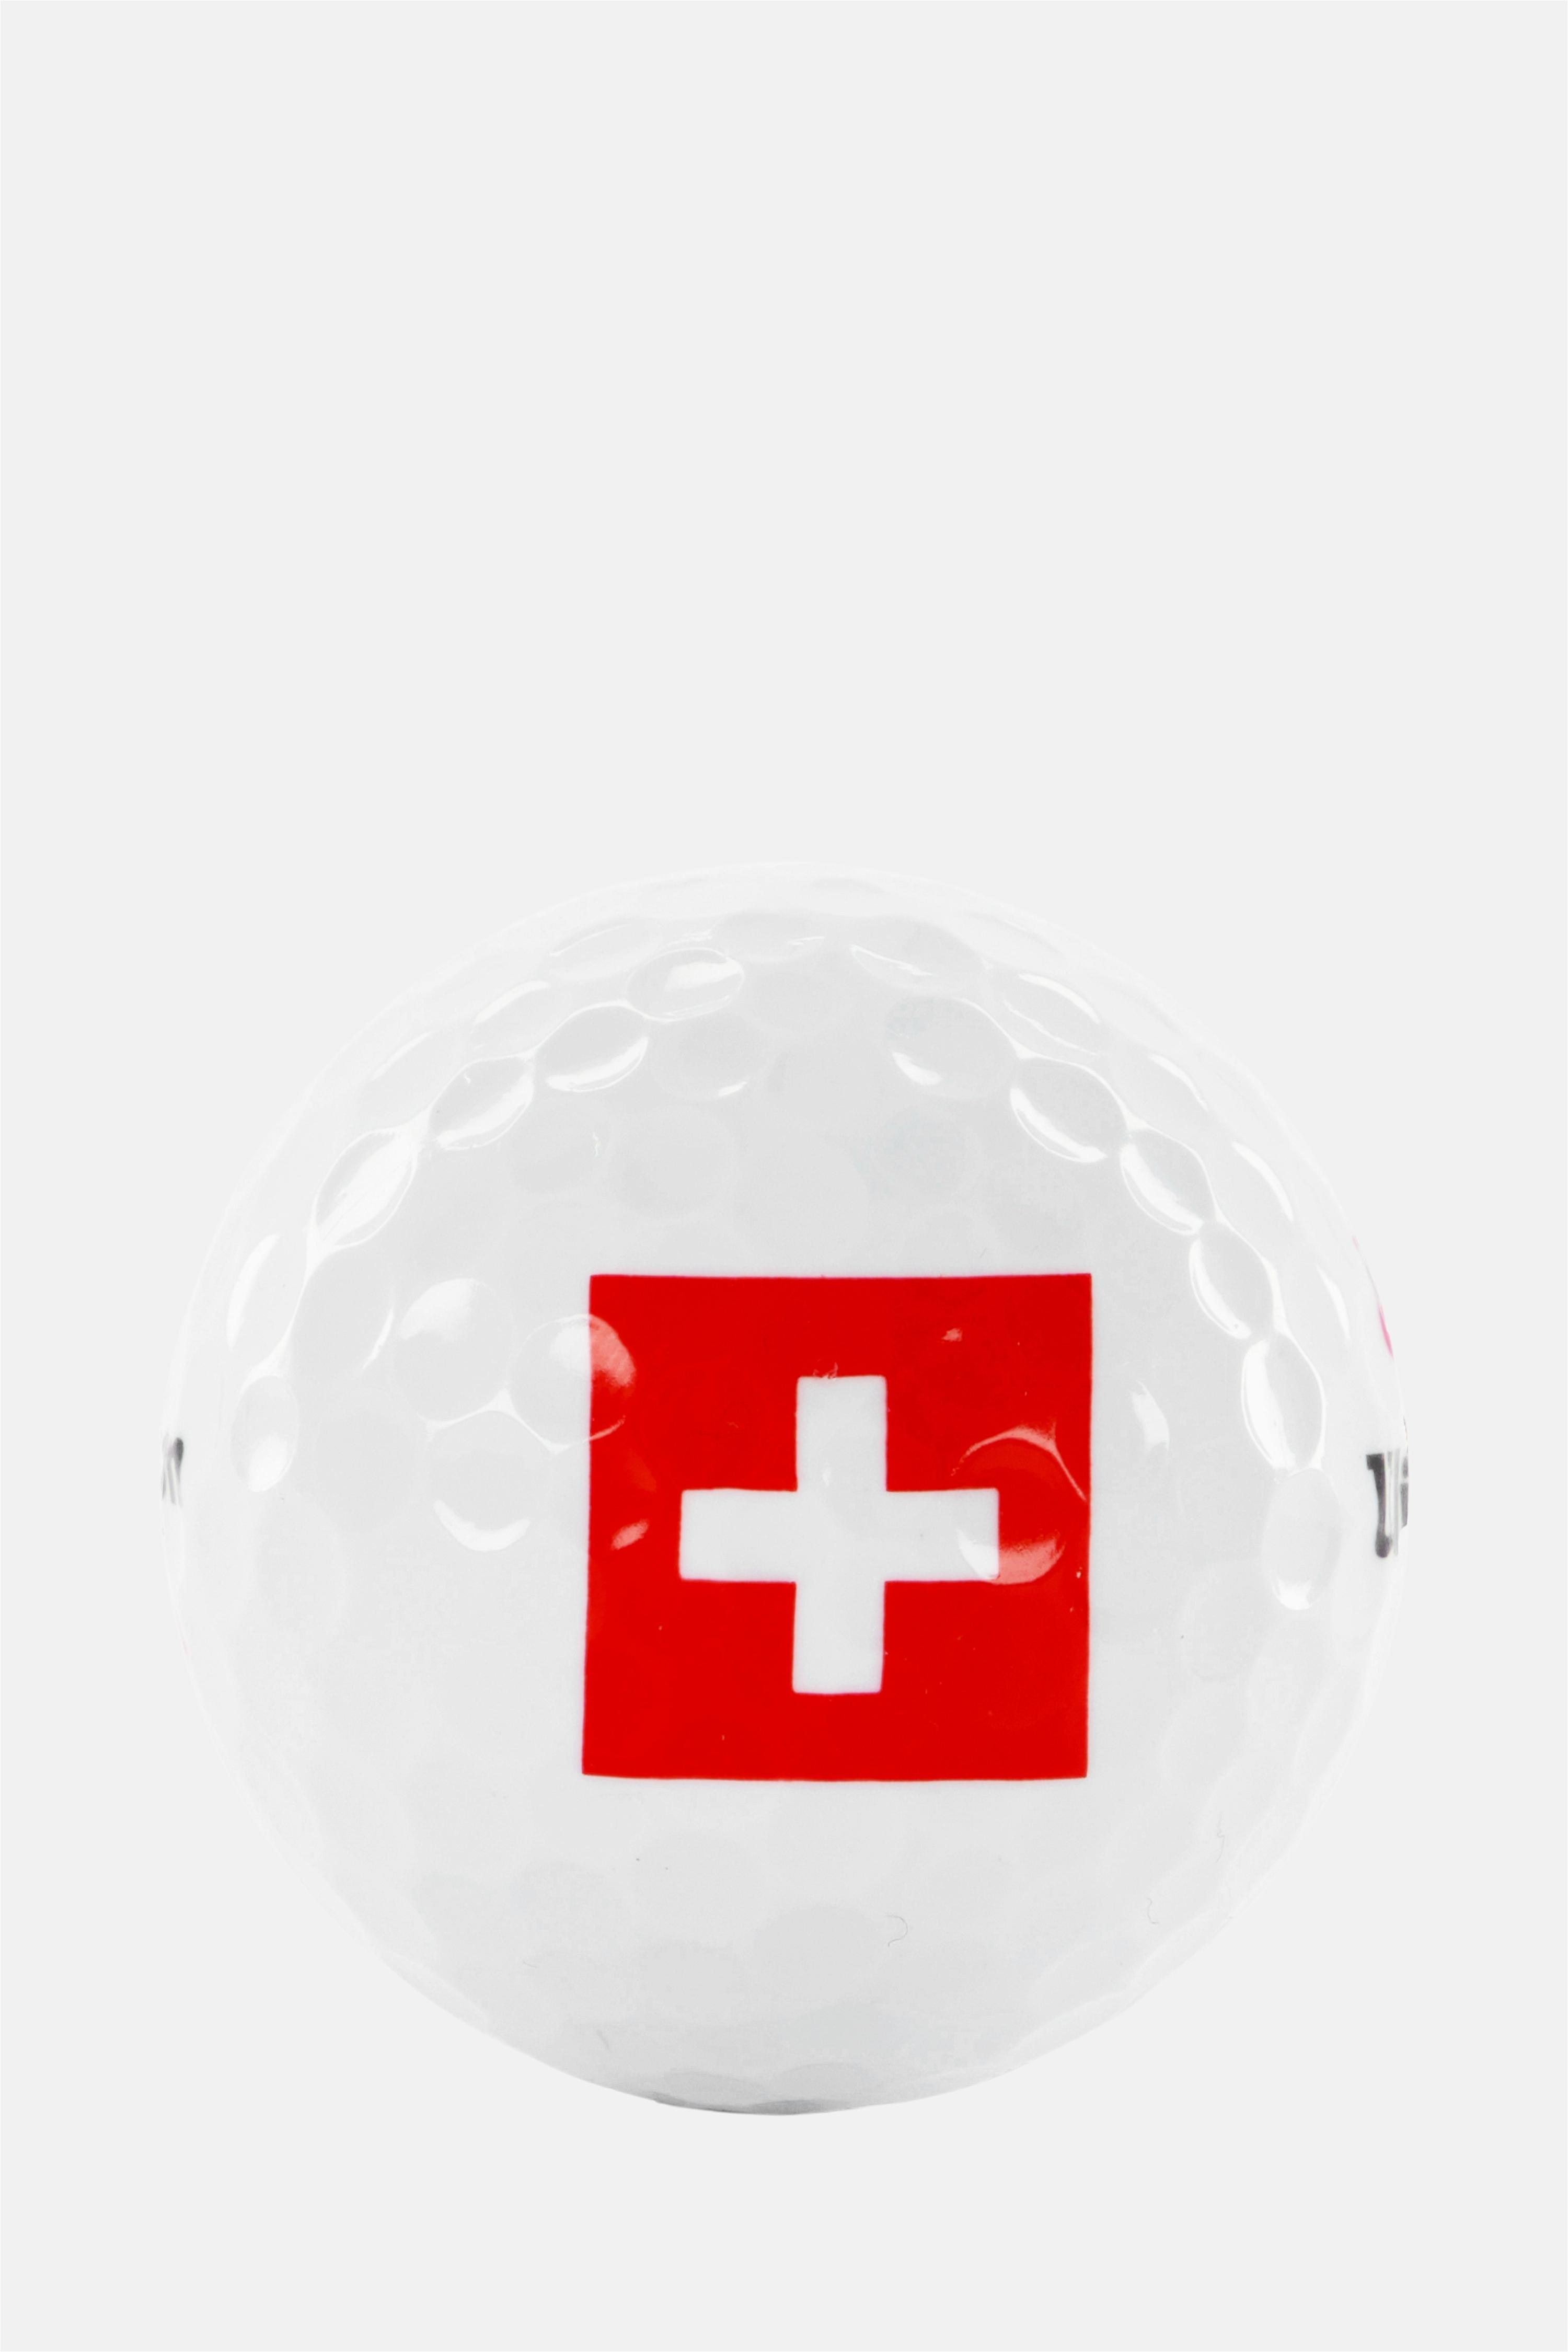 DUO SOFT mit Schweizer Flagge